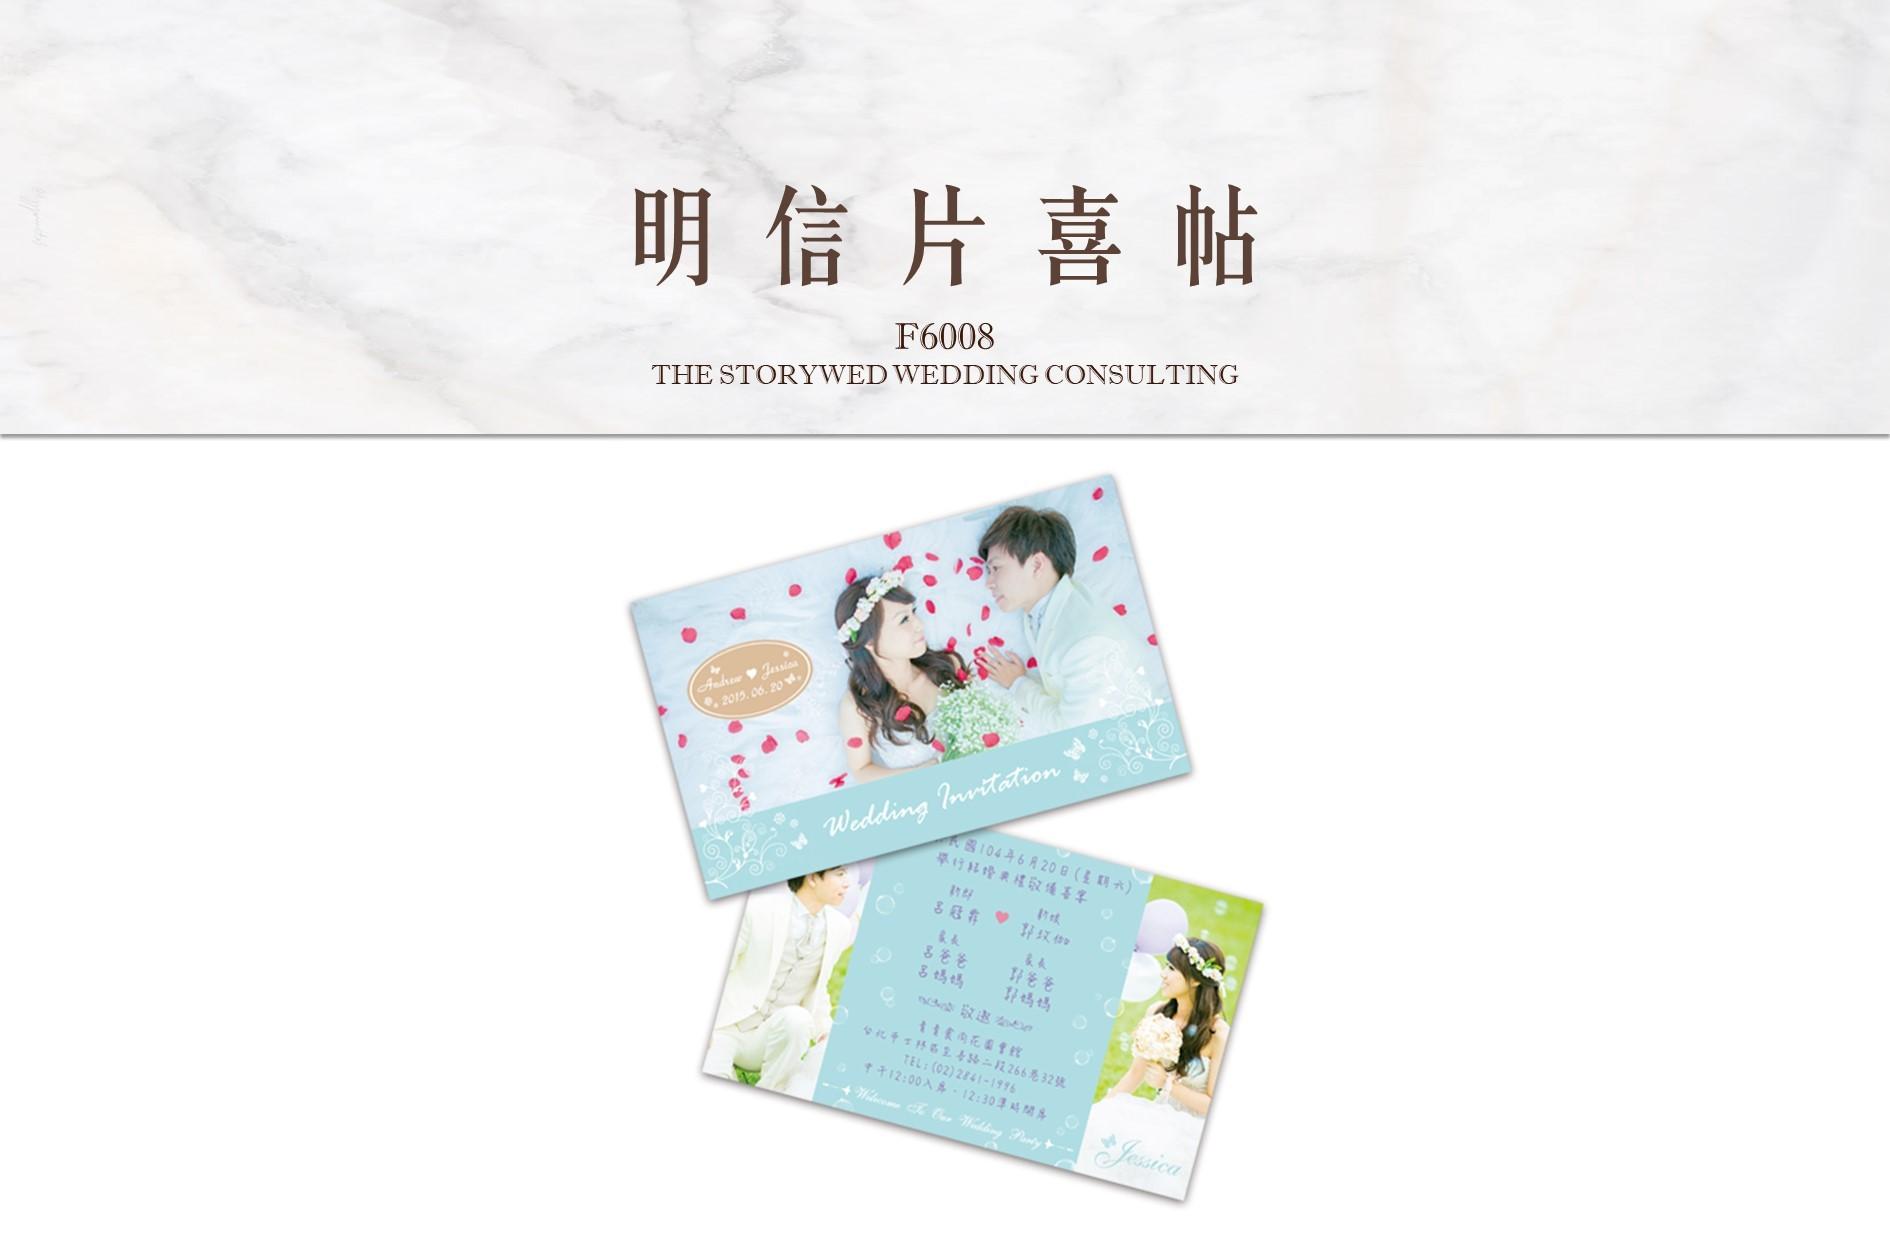 〖婚卡喜帖〗明信片喜帖 F6008